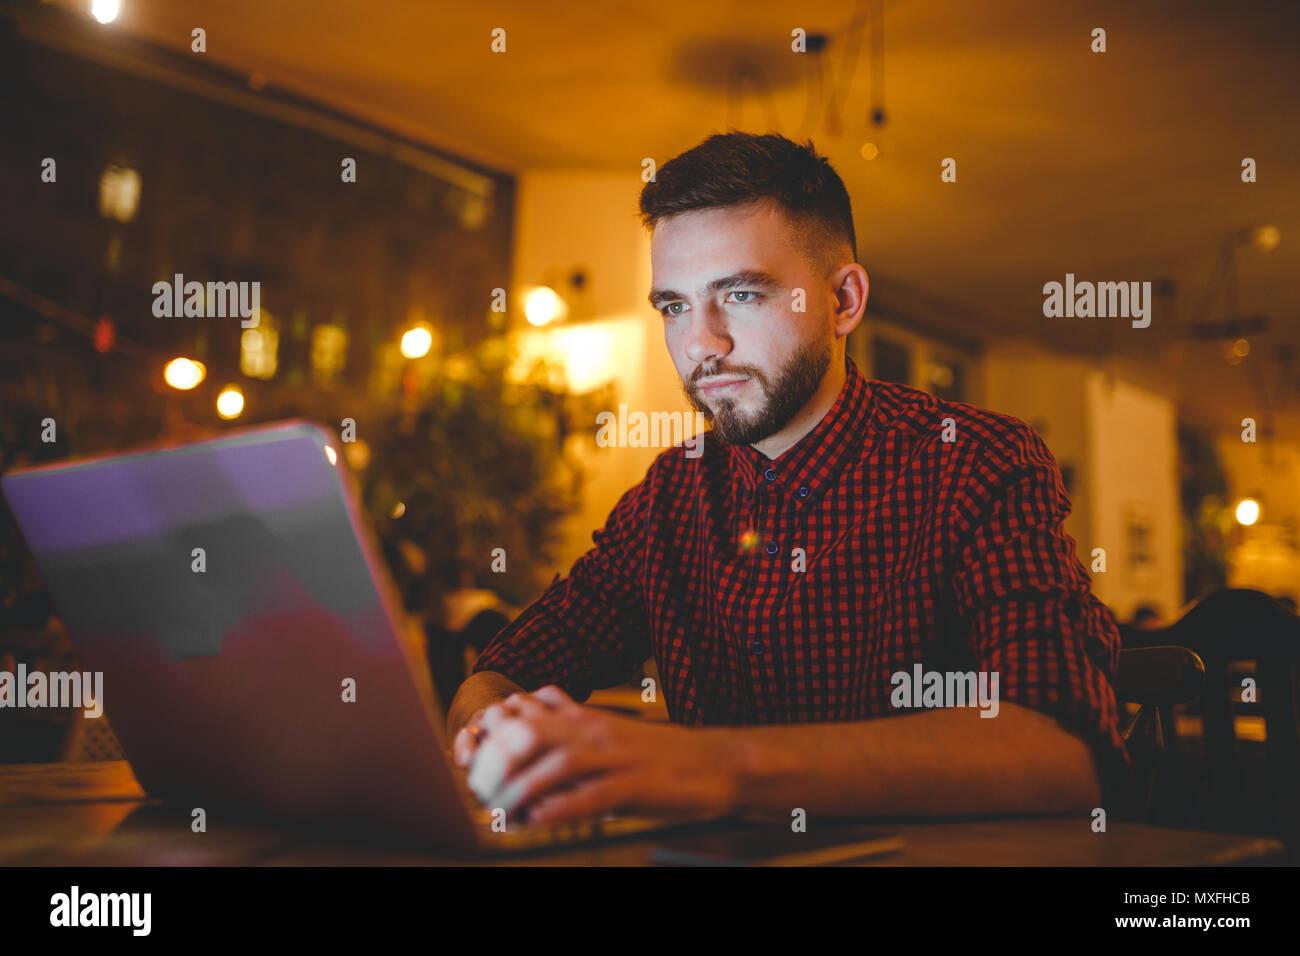 Un bel giovane uomo caucasico con la barba e sorriso toothy in rosso una camicia a scacchi sta lavorando dietro un grigio laptop seduti ad un tavolo di legno. Le mani sulla tastiera. In serata presso la caffetteria Immagini Stock